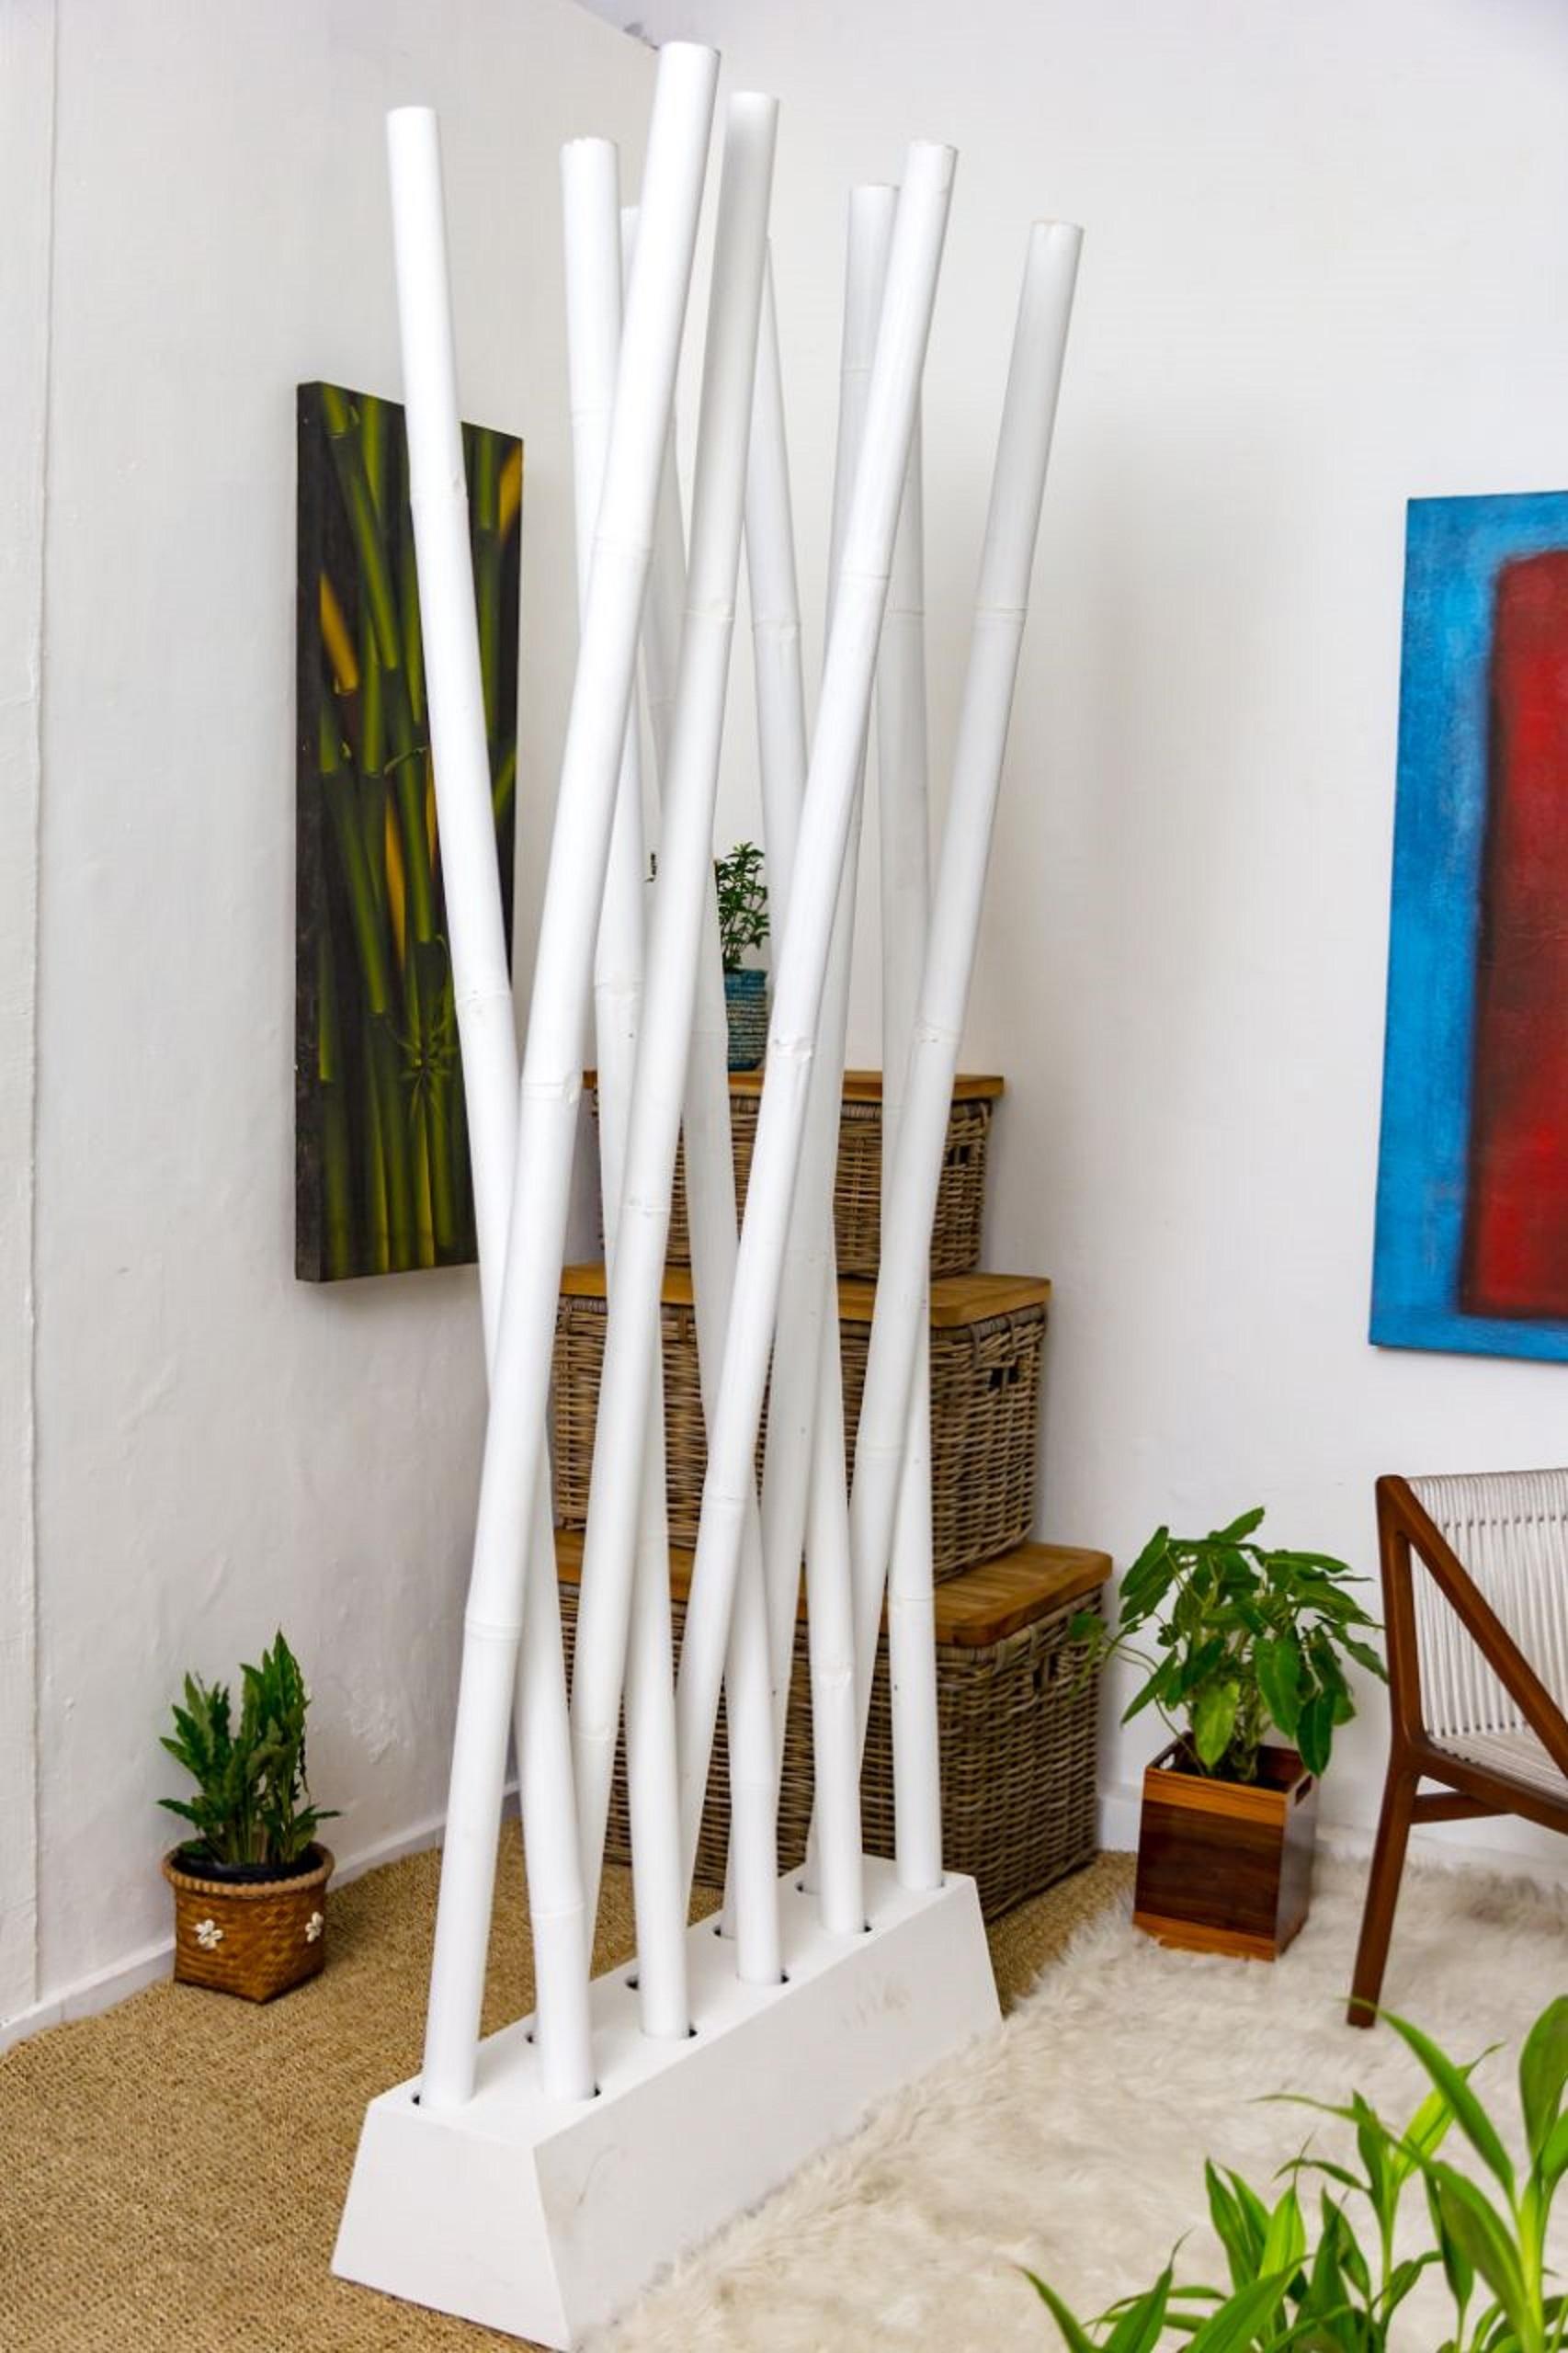 Full Size of Paravent Bambus Raumteiler Paravento Wei Cab97xh200cm Sichtschutz Bett Garten Wohnzimmer Paravent Bambus